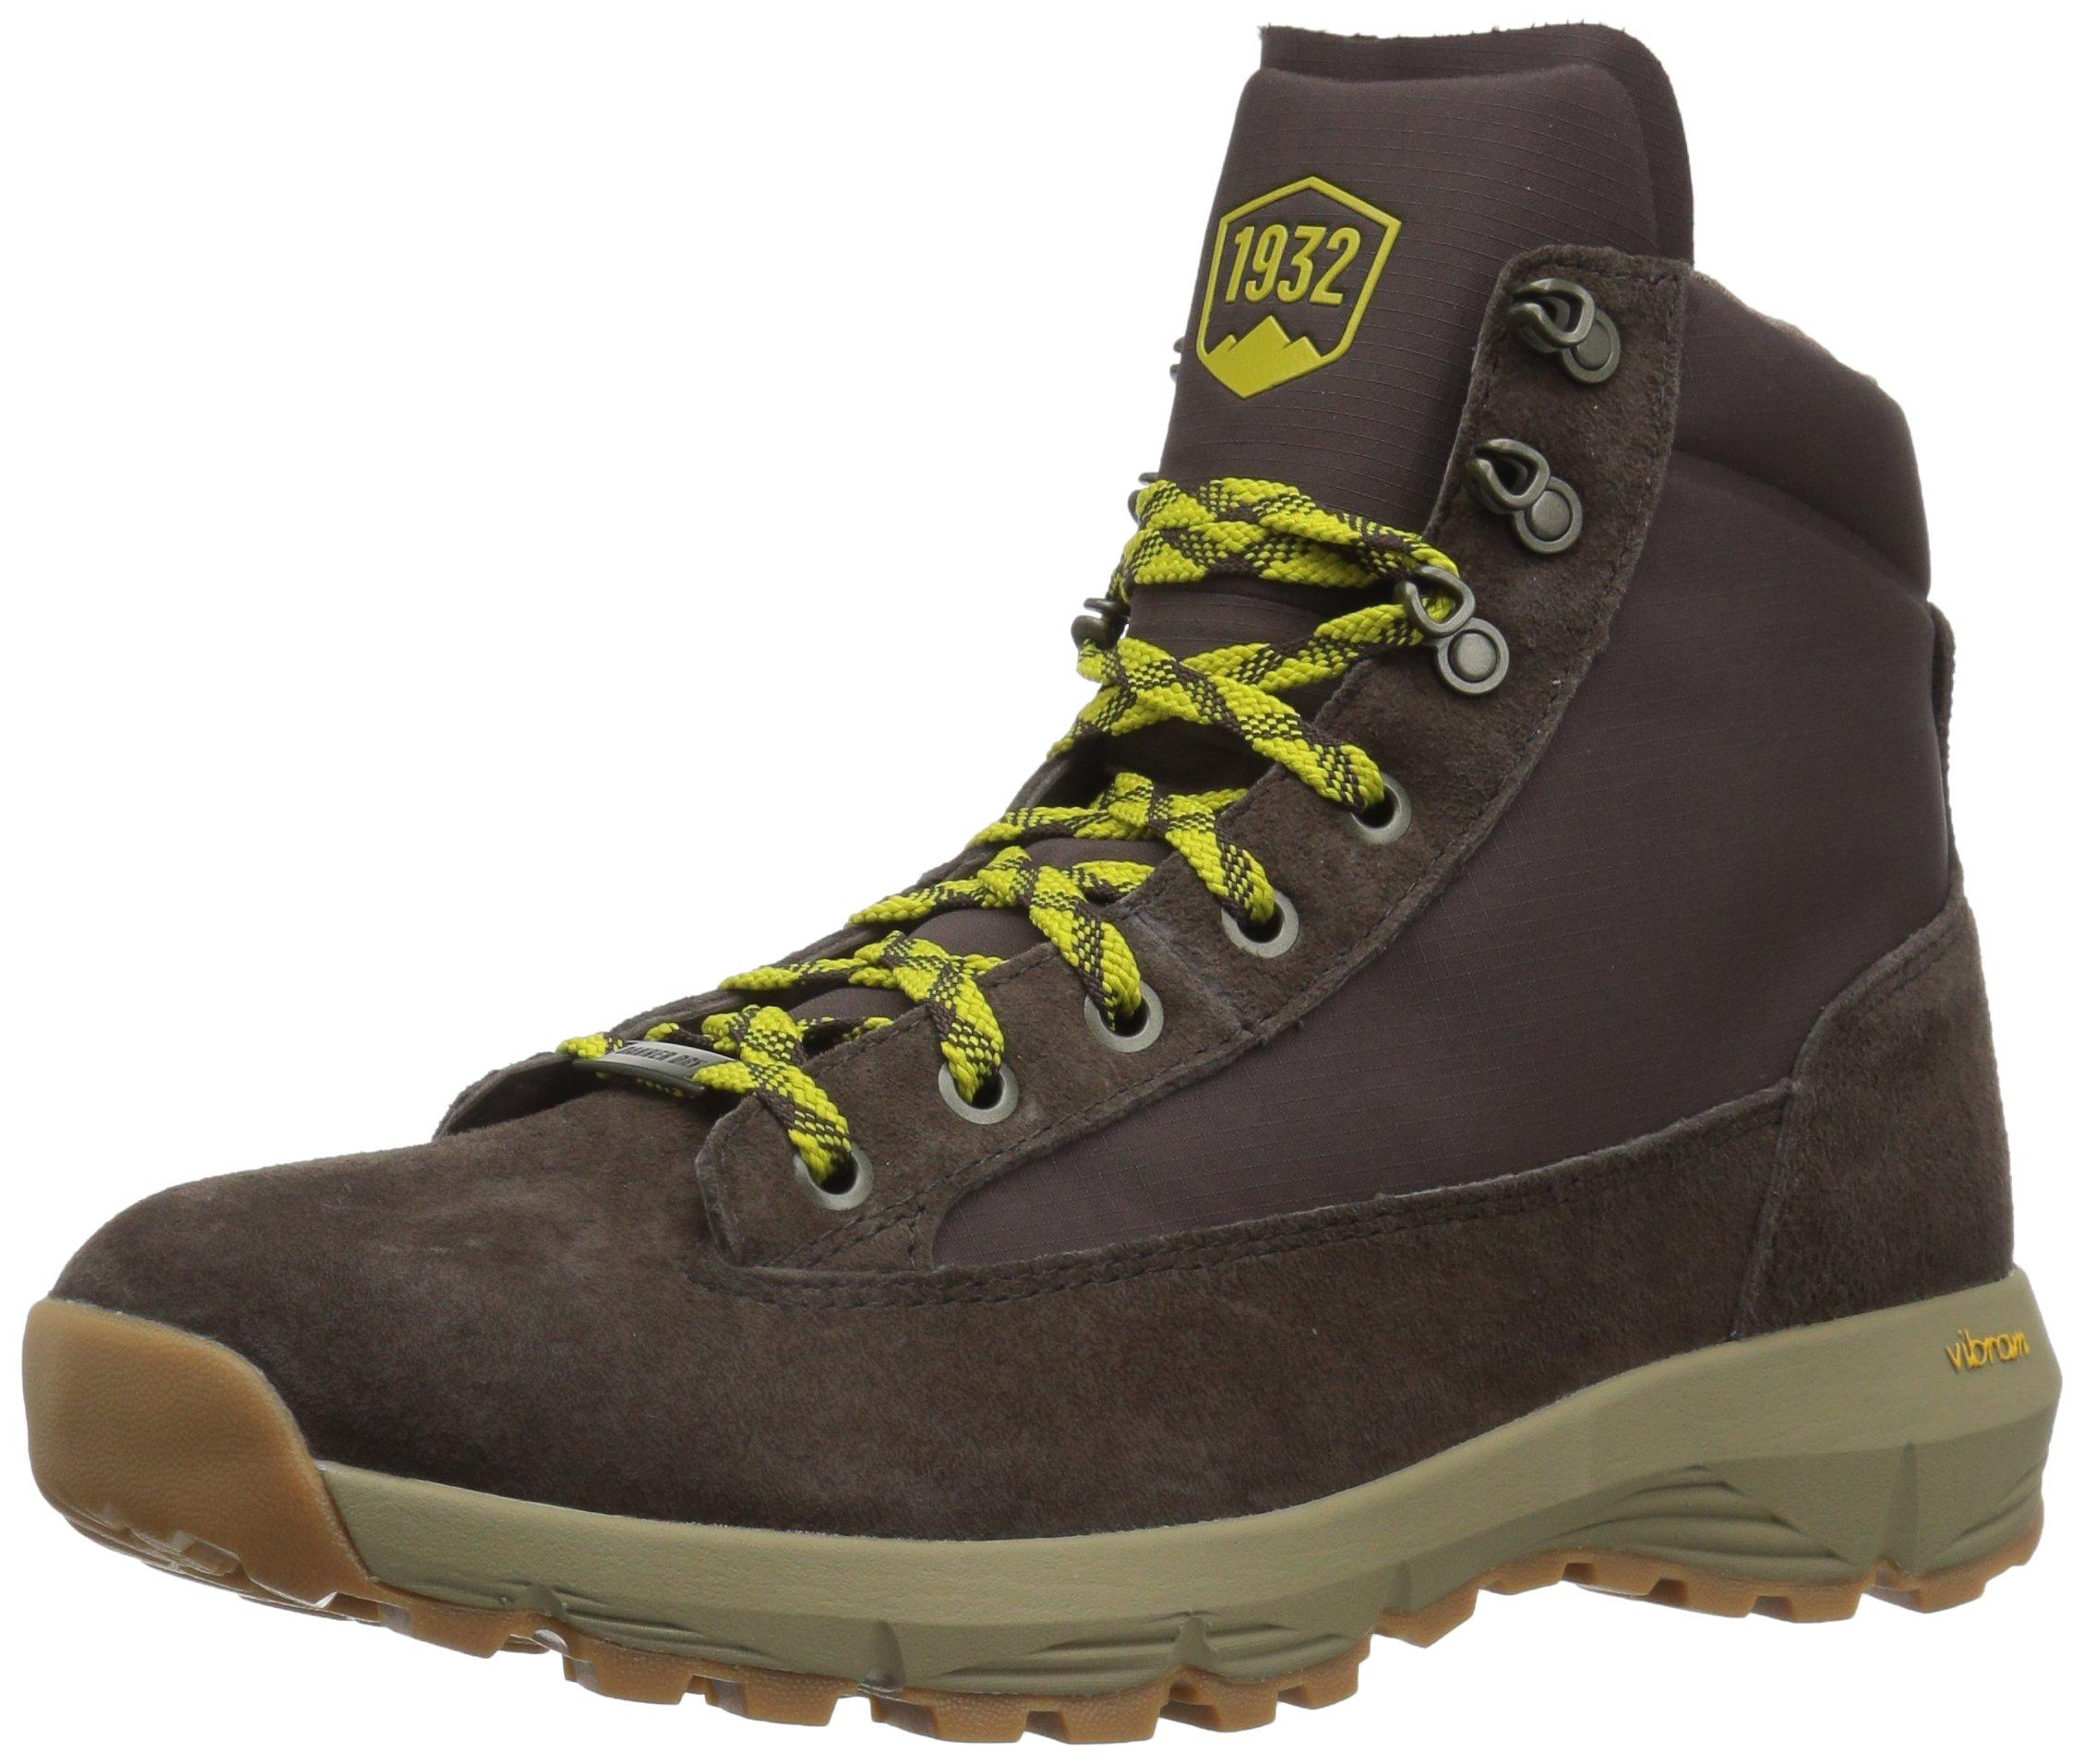 570ed46895b Danner Men's Explorer 650 6 Hiking Boot, Brown/Lime, 9 2E US